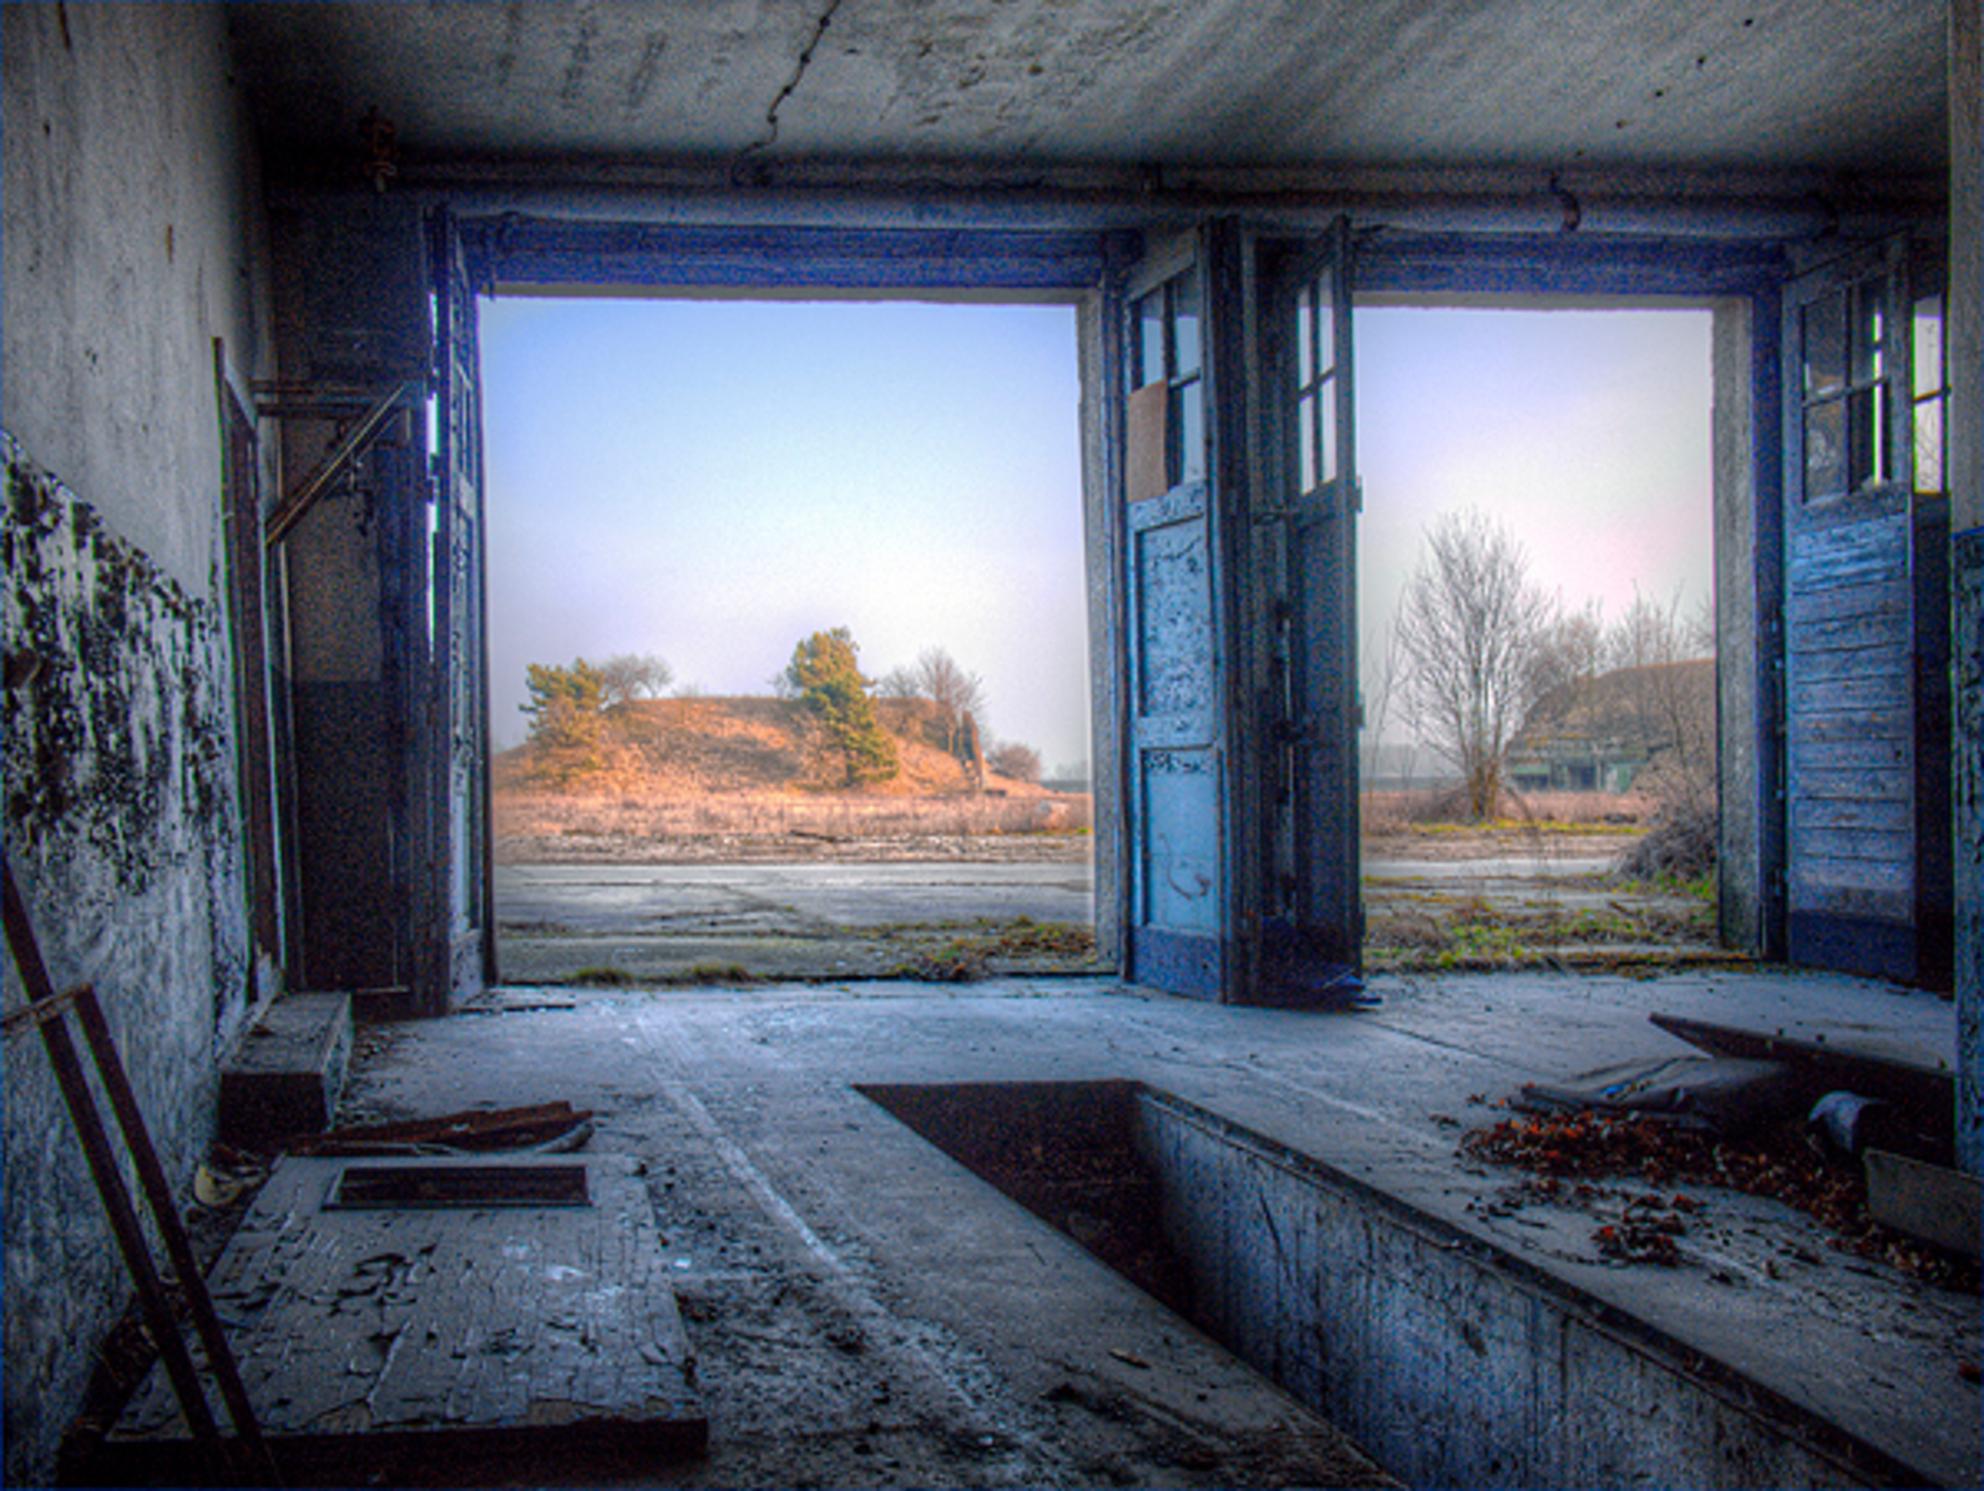 The fire tender garage - The fire tender garage on a  Russian Air Base in the former GDR. - foto door fap op 12-04-2014 - deze foto bevat: foto, urban, verlaten, vervallen, hdr, duitsland, urbex, oost, bunkers, ddr, tonemapping, nuclear, atoom, armament, voormaling, fap., kernwapens, Juterbog, ud, Beauty of decay - Deze foto mag gebruikt worden in een Zoom.nl publicatie